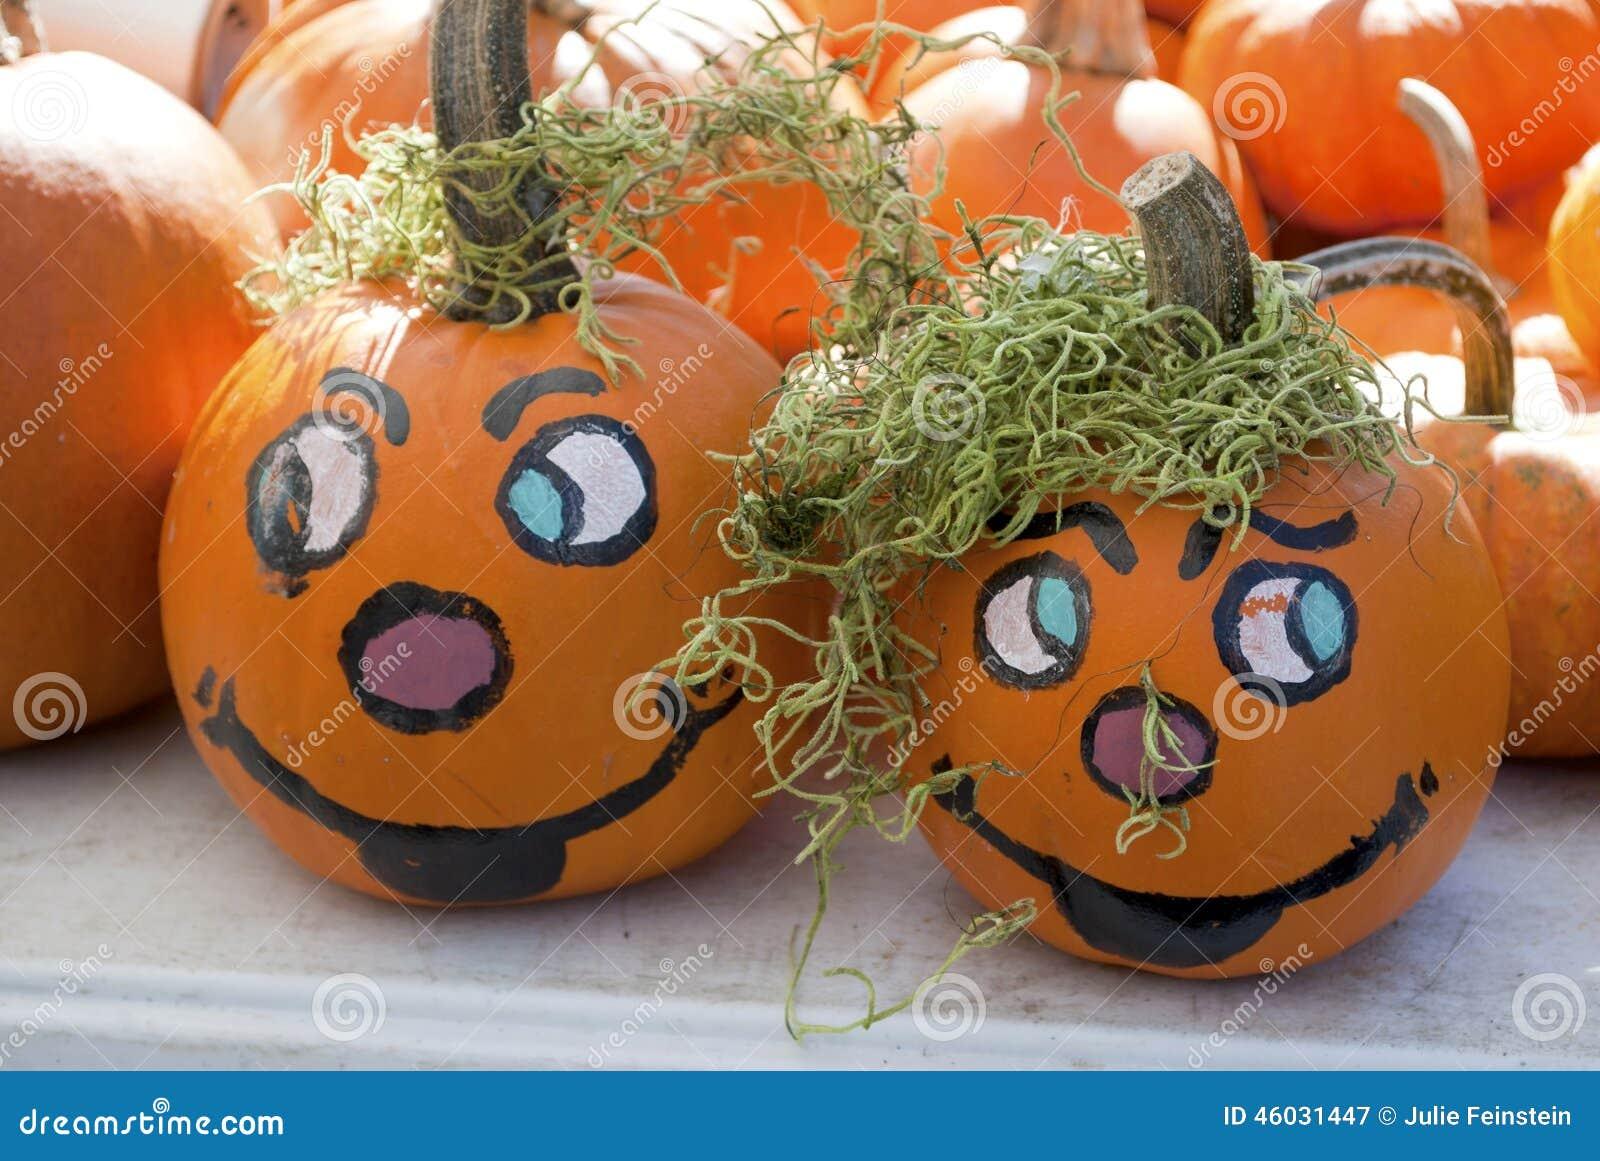 Calabazas pintadas imagen de archivo imagen de caras 46031447 - Calabazas de halloween pintadas ...